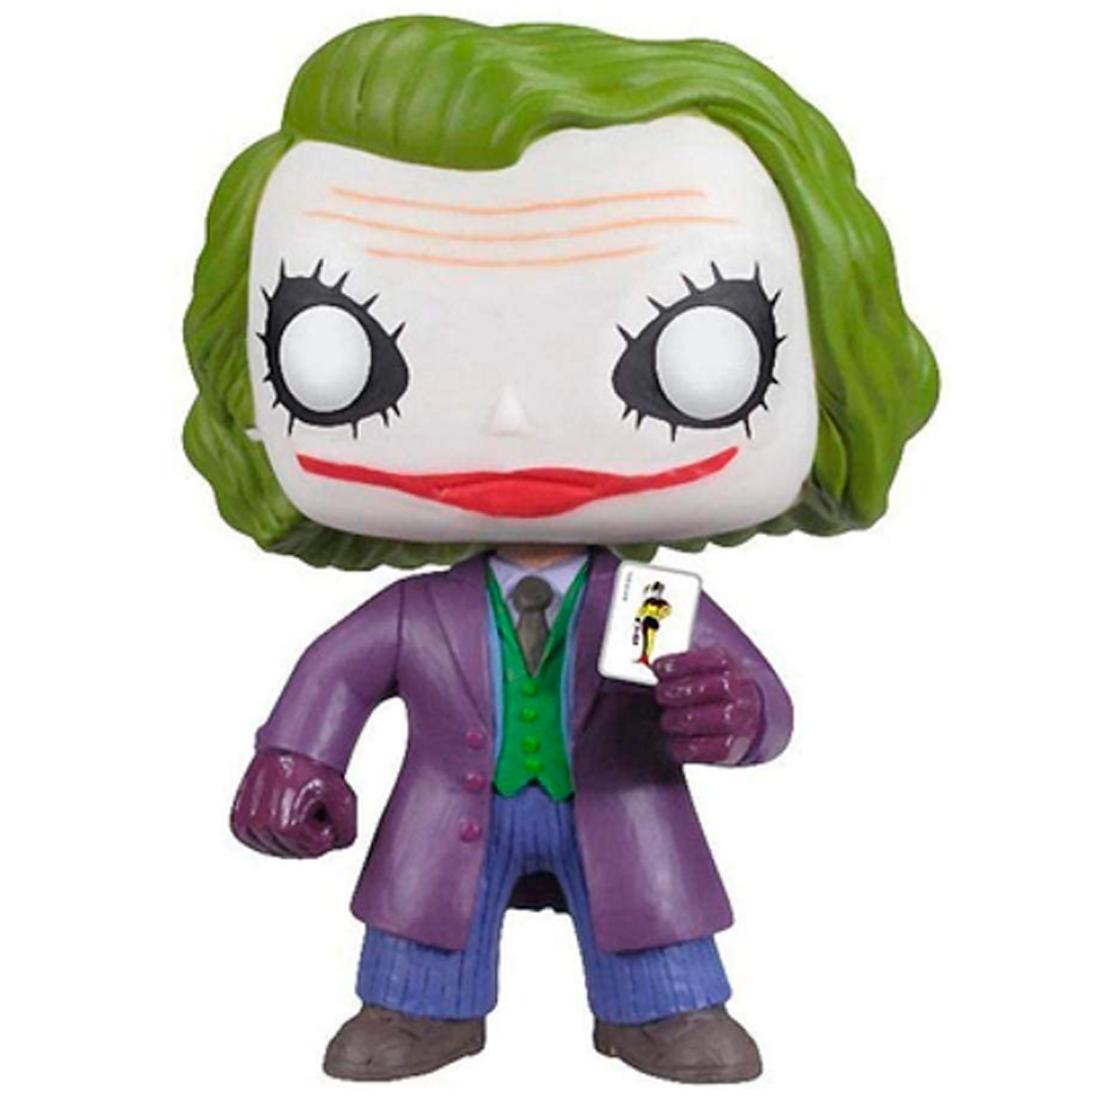 Funko Pop Heroes The Dark Knight Trilogy 36 The Joker